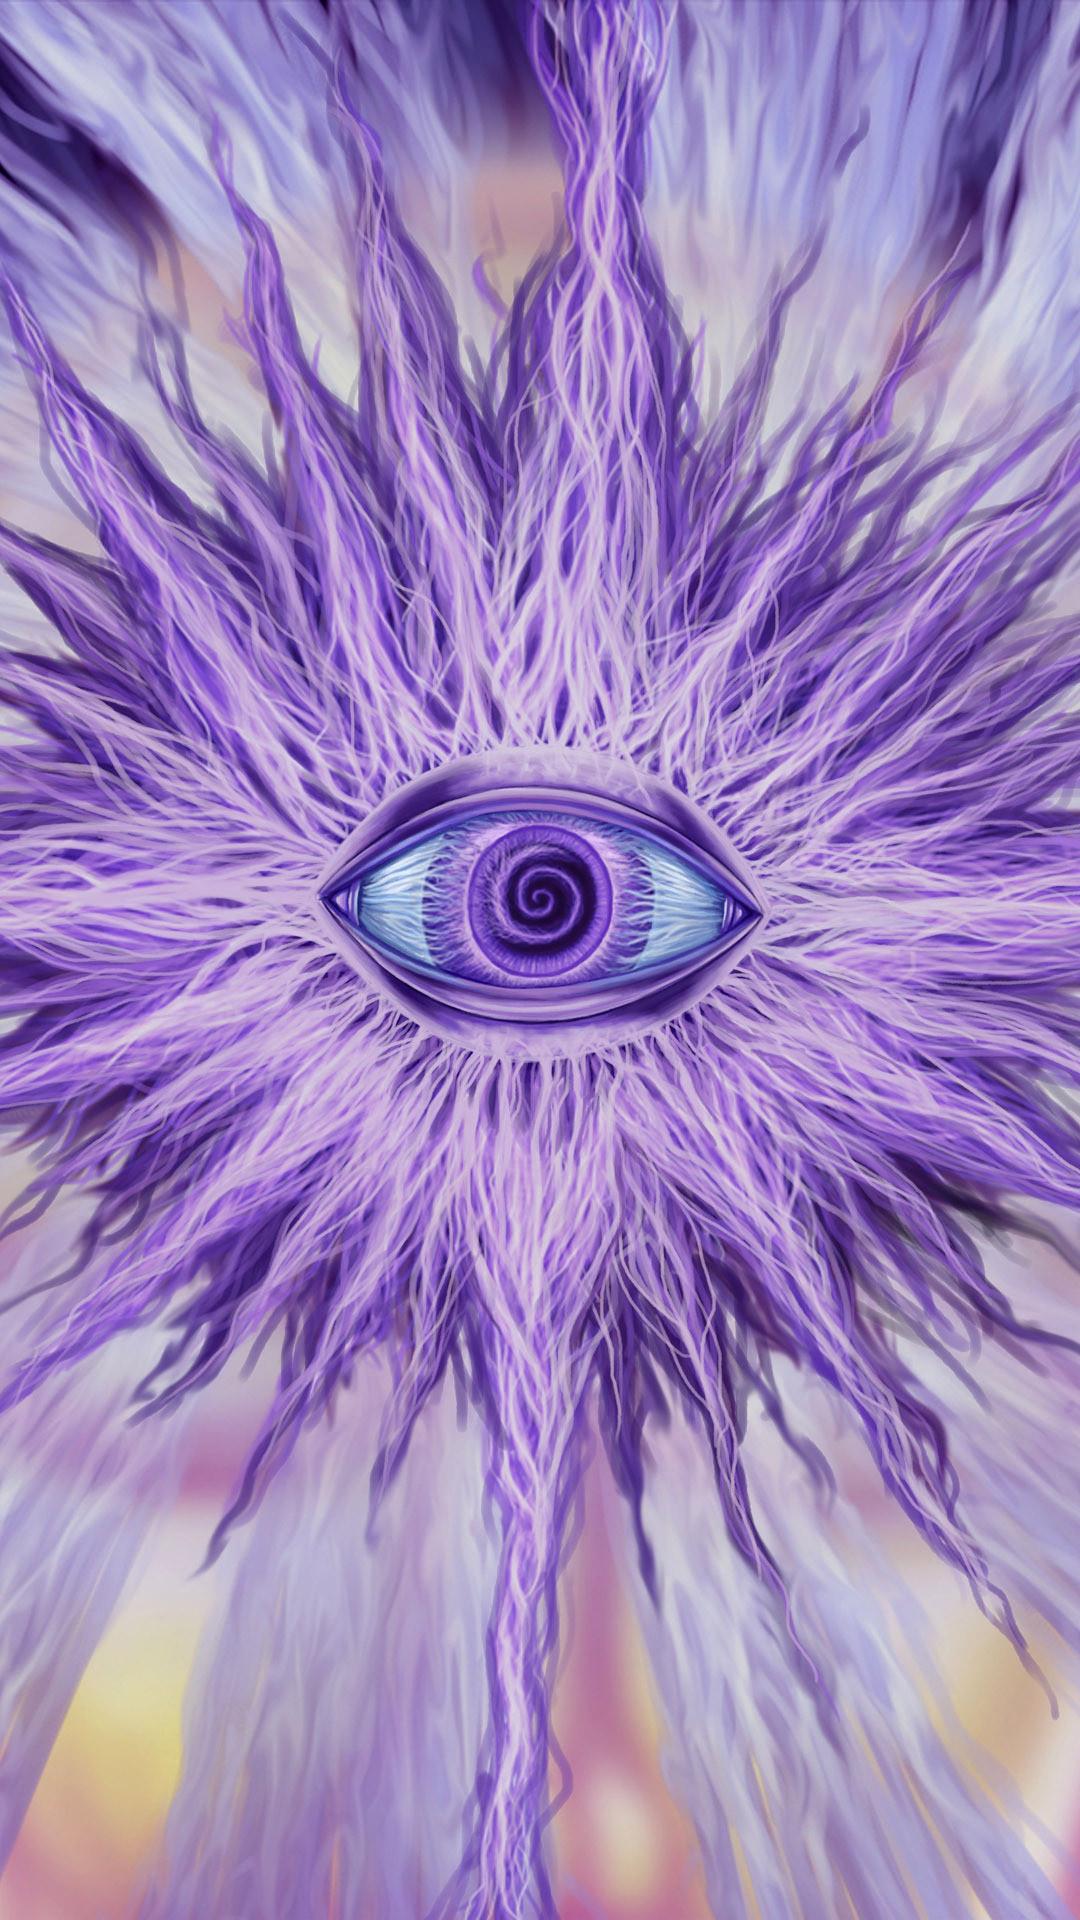 Magic Eye Wallpaper (56+ Images